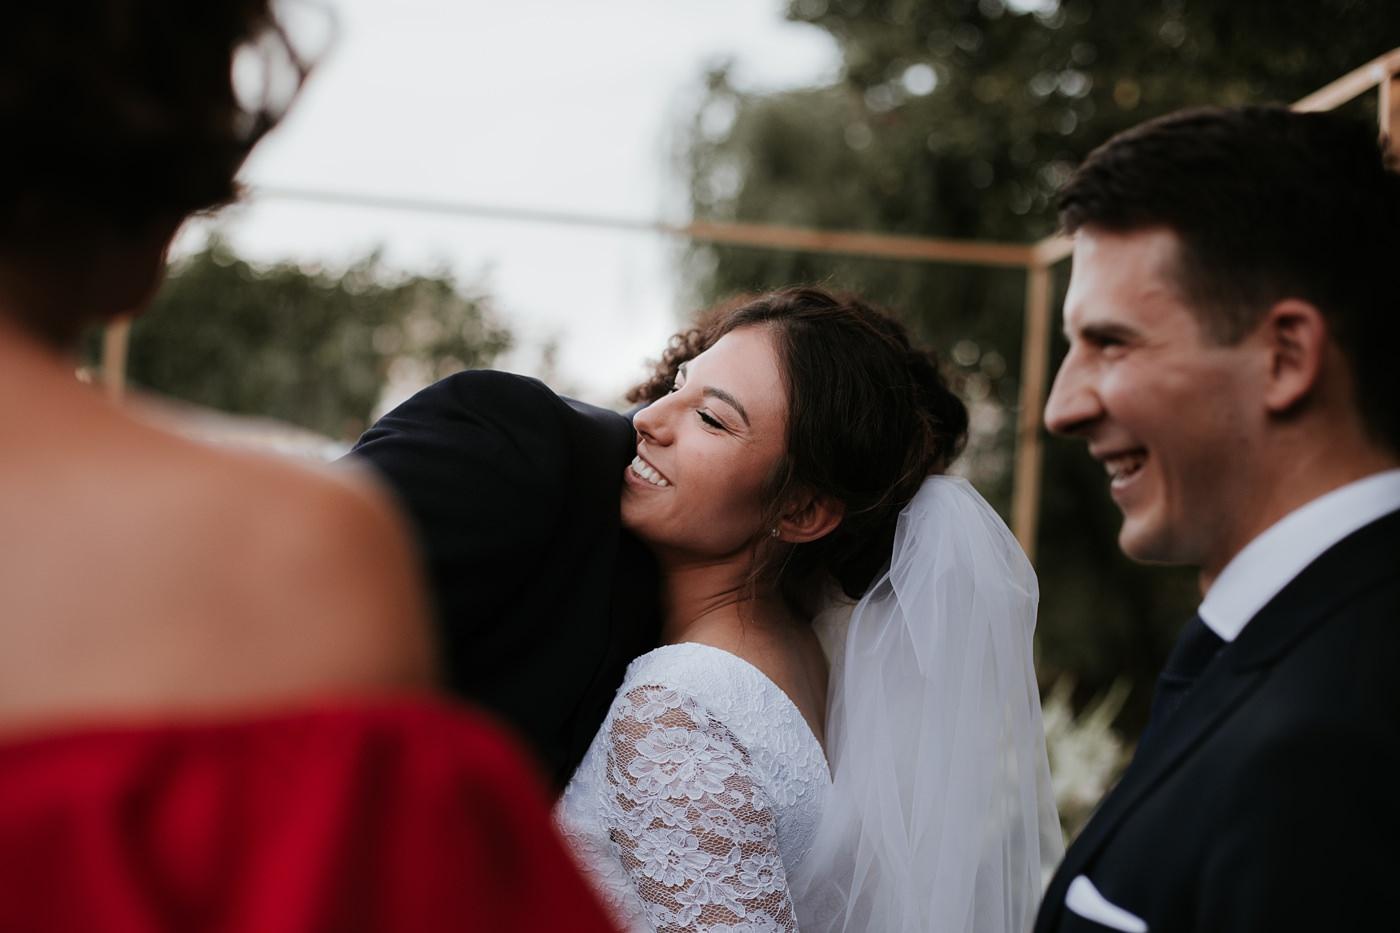 Dominika & Aleksander - Rustykalne wesele w stodole - Baborówko 79